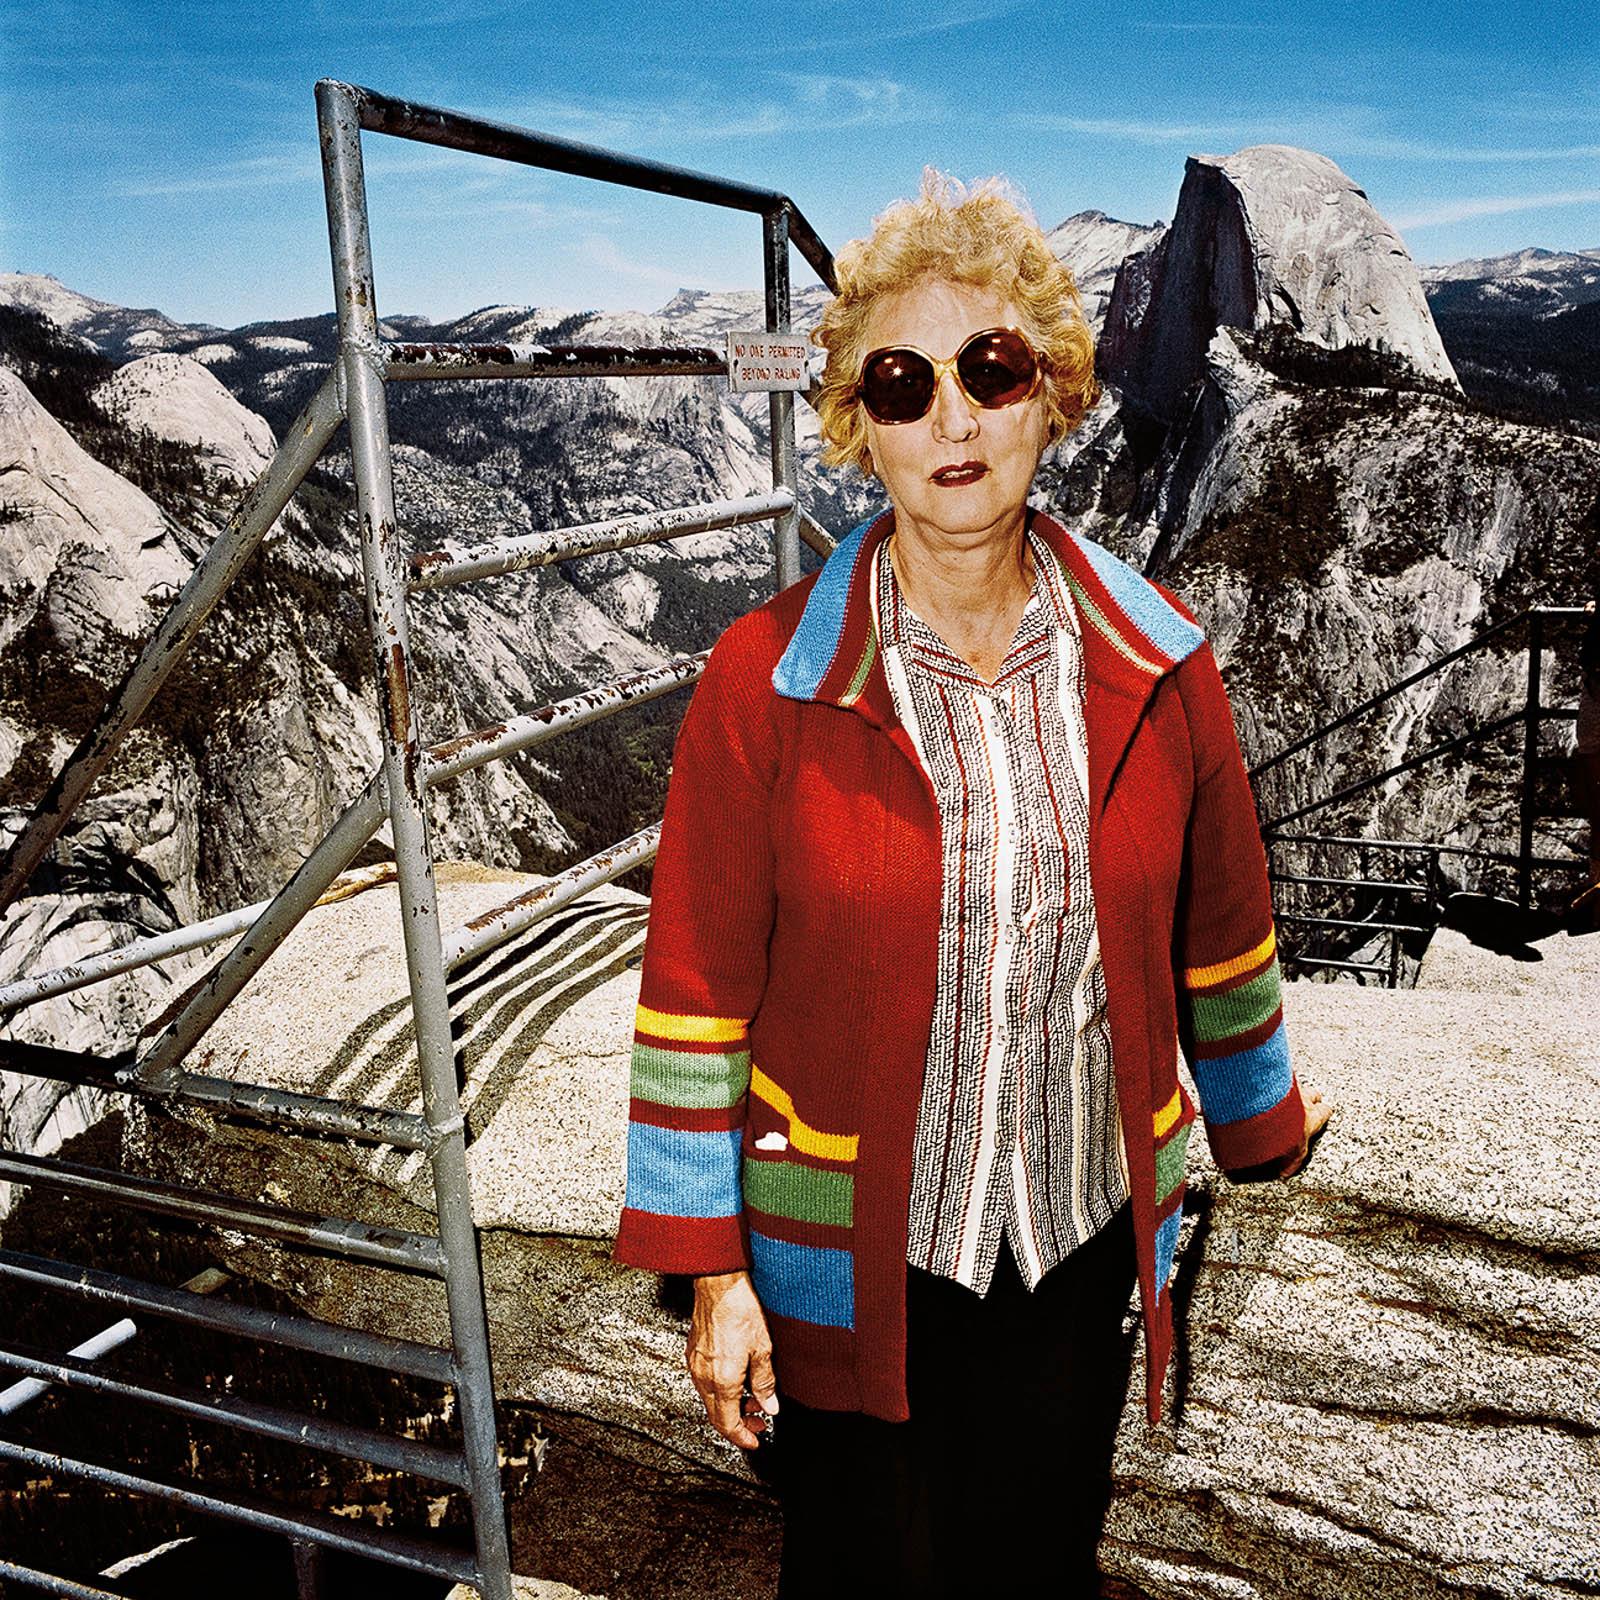 Woman at Glacier Point, Yosemite National Park, California 1981